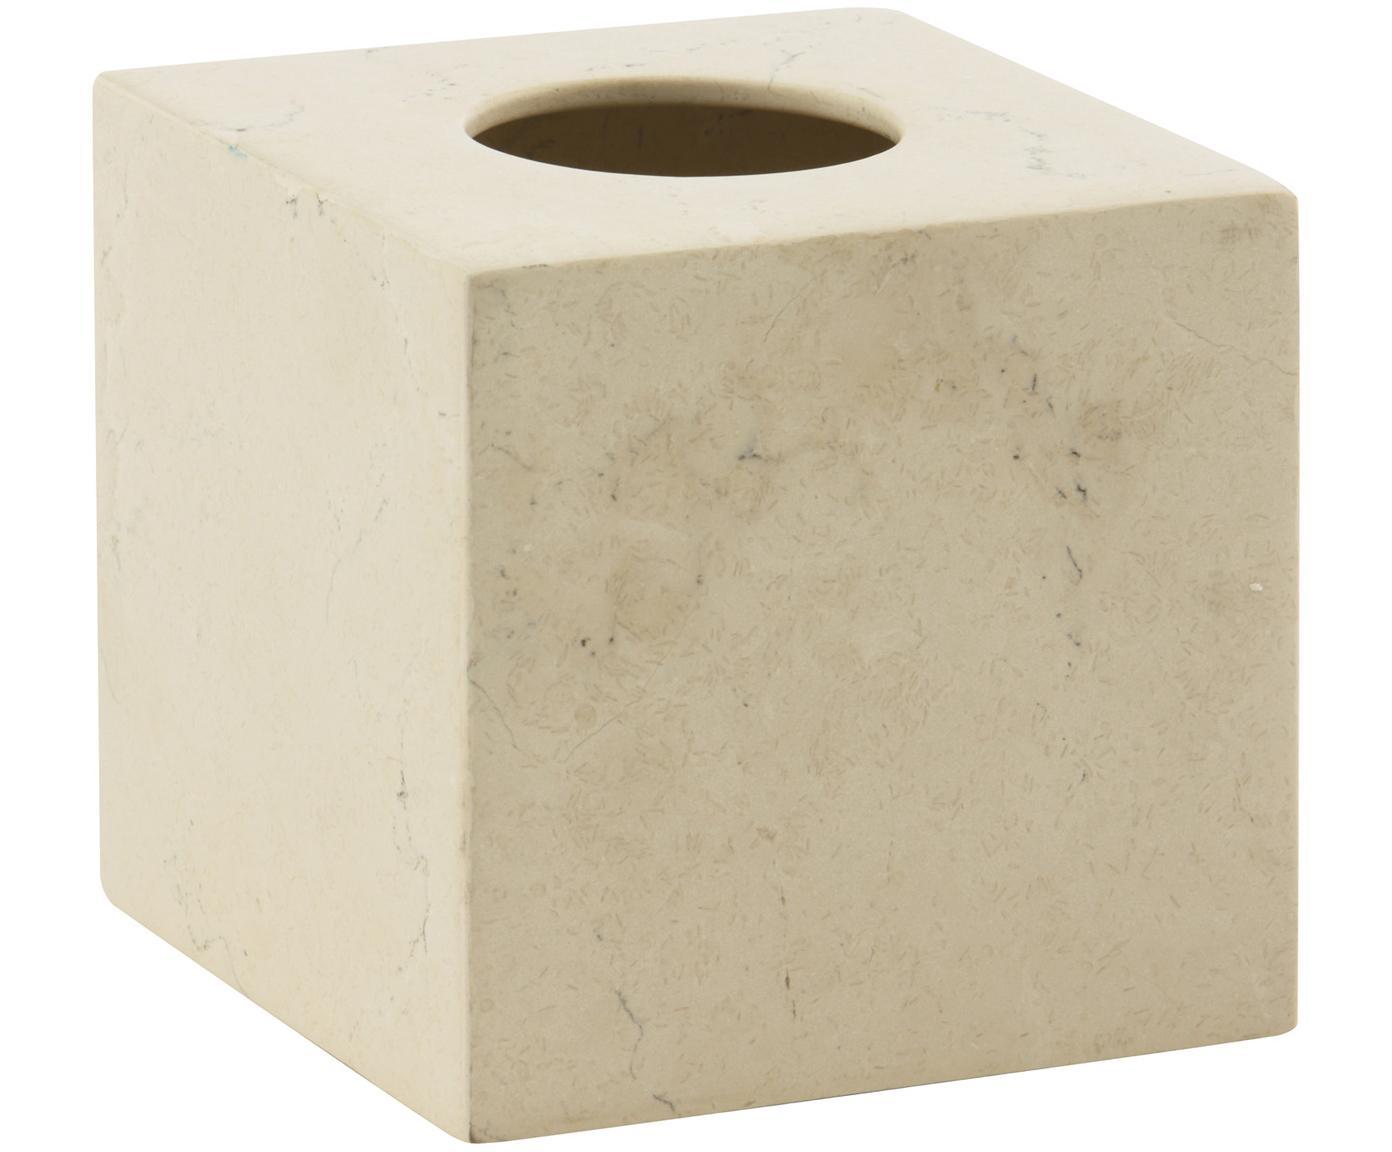 Porta fazzoletti in marmo Luxor, Marmo, Beige, L 13 x A 13 cm